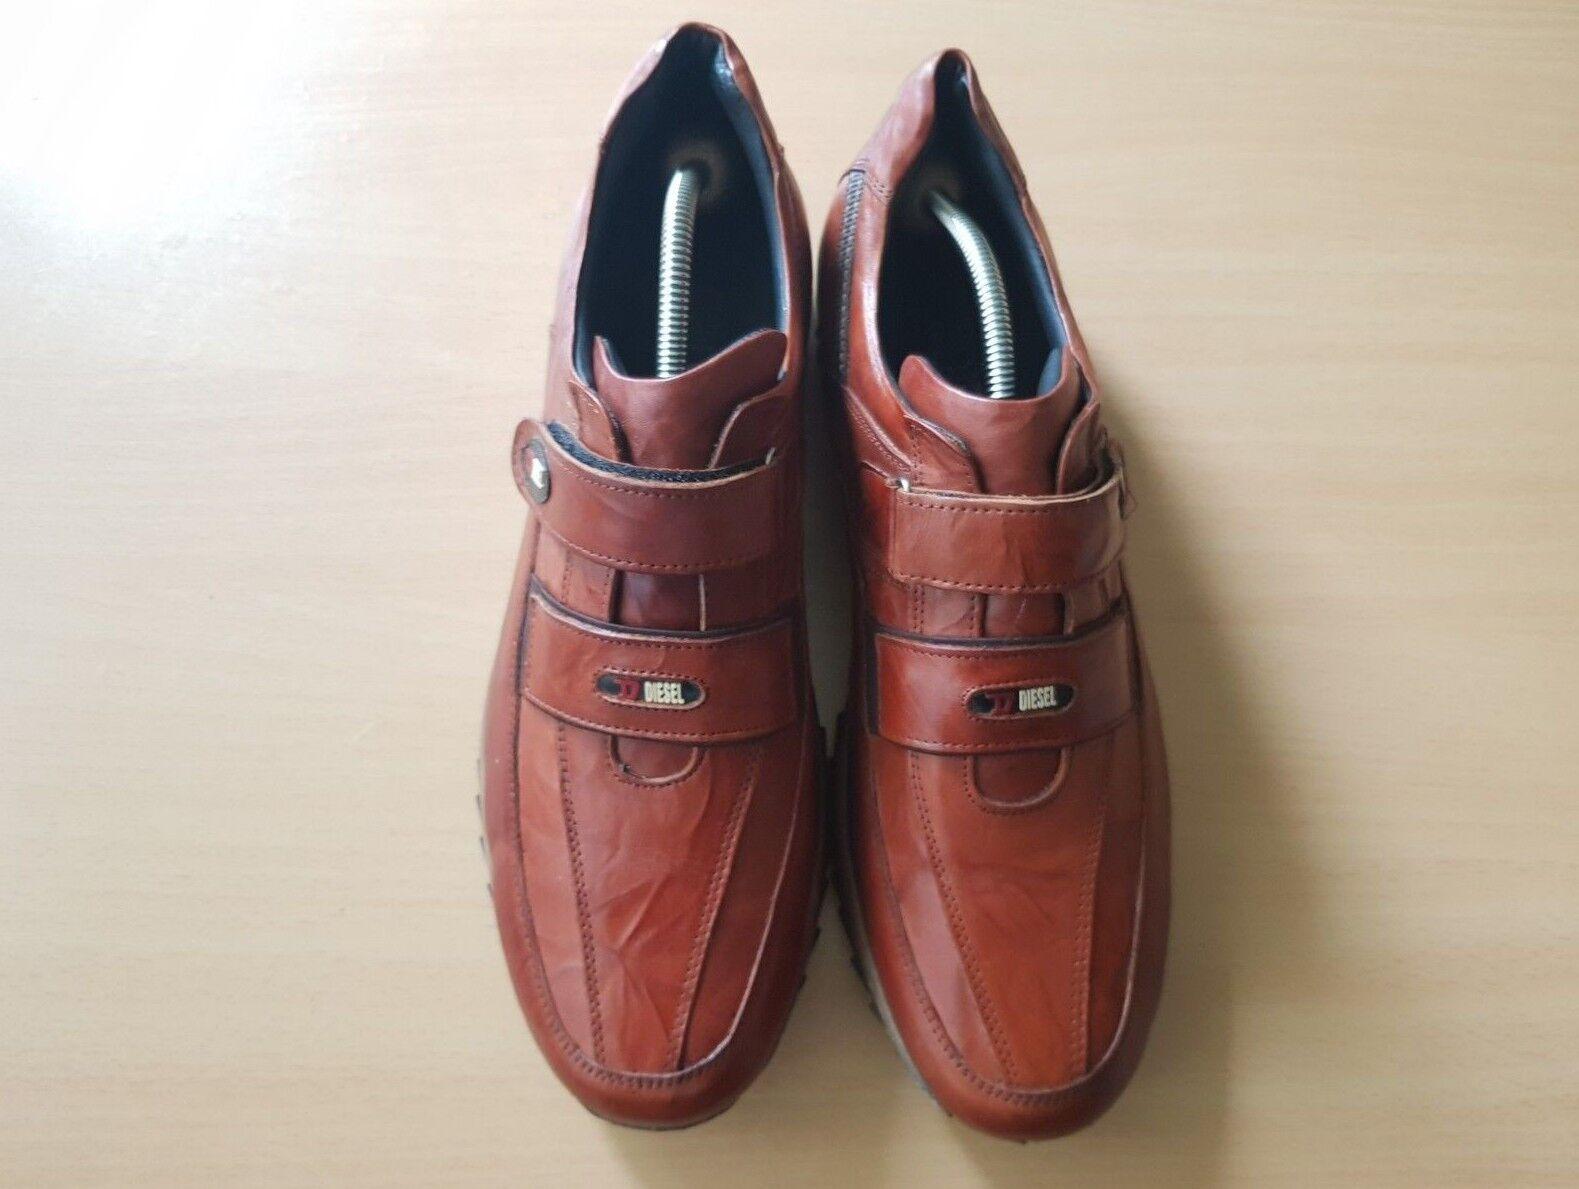 Diesel Herren Schuhe Halbschuhe Klettleder braun Gr. 46